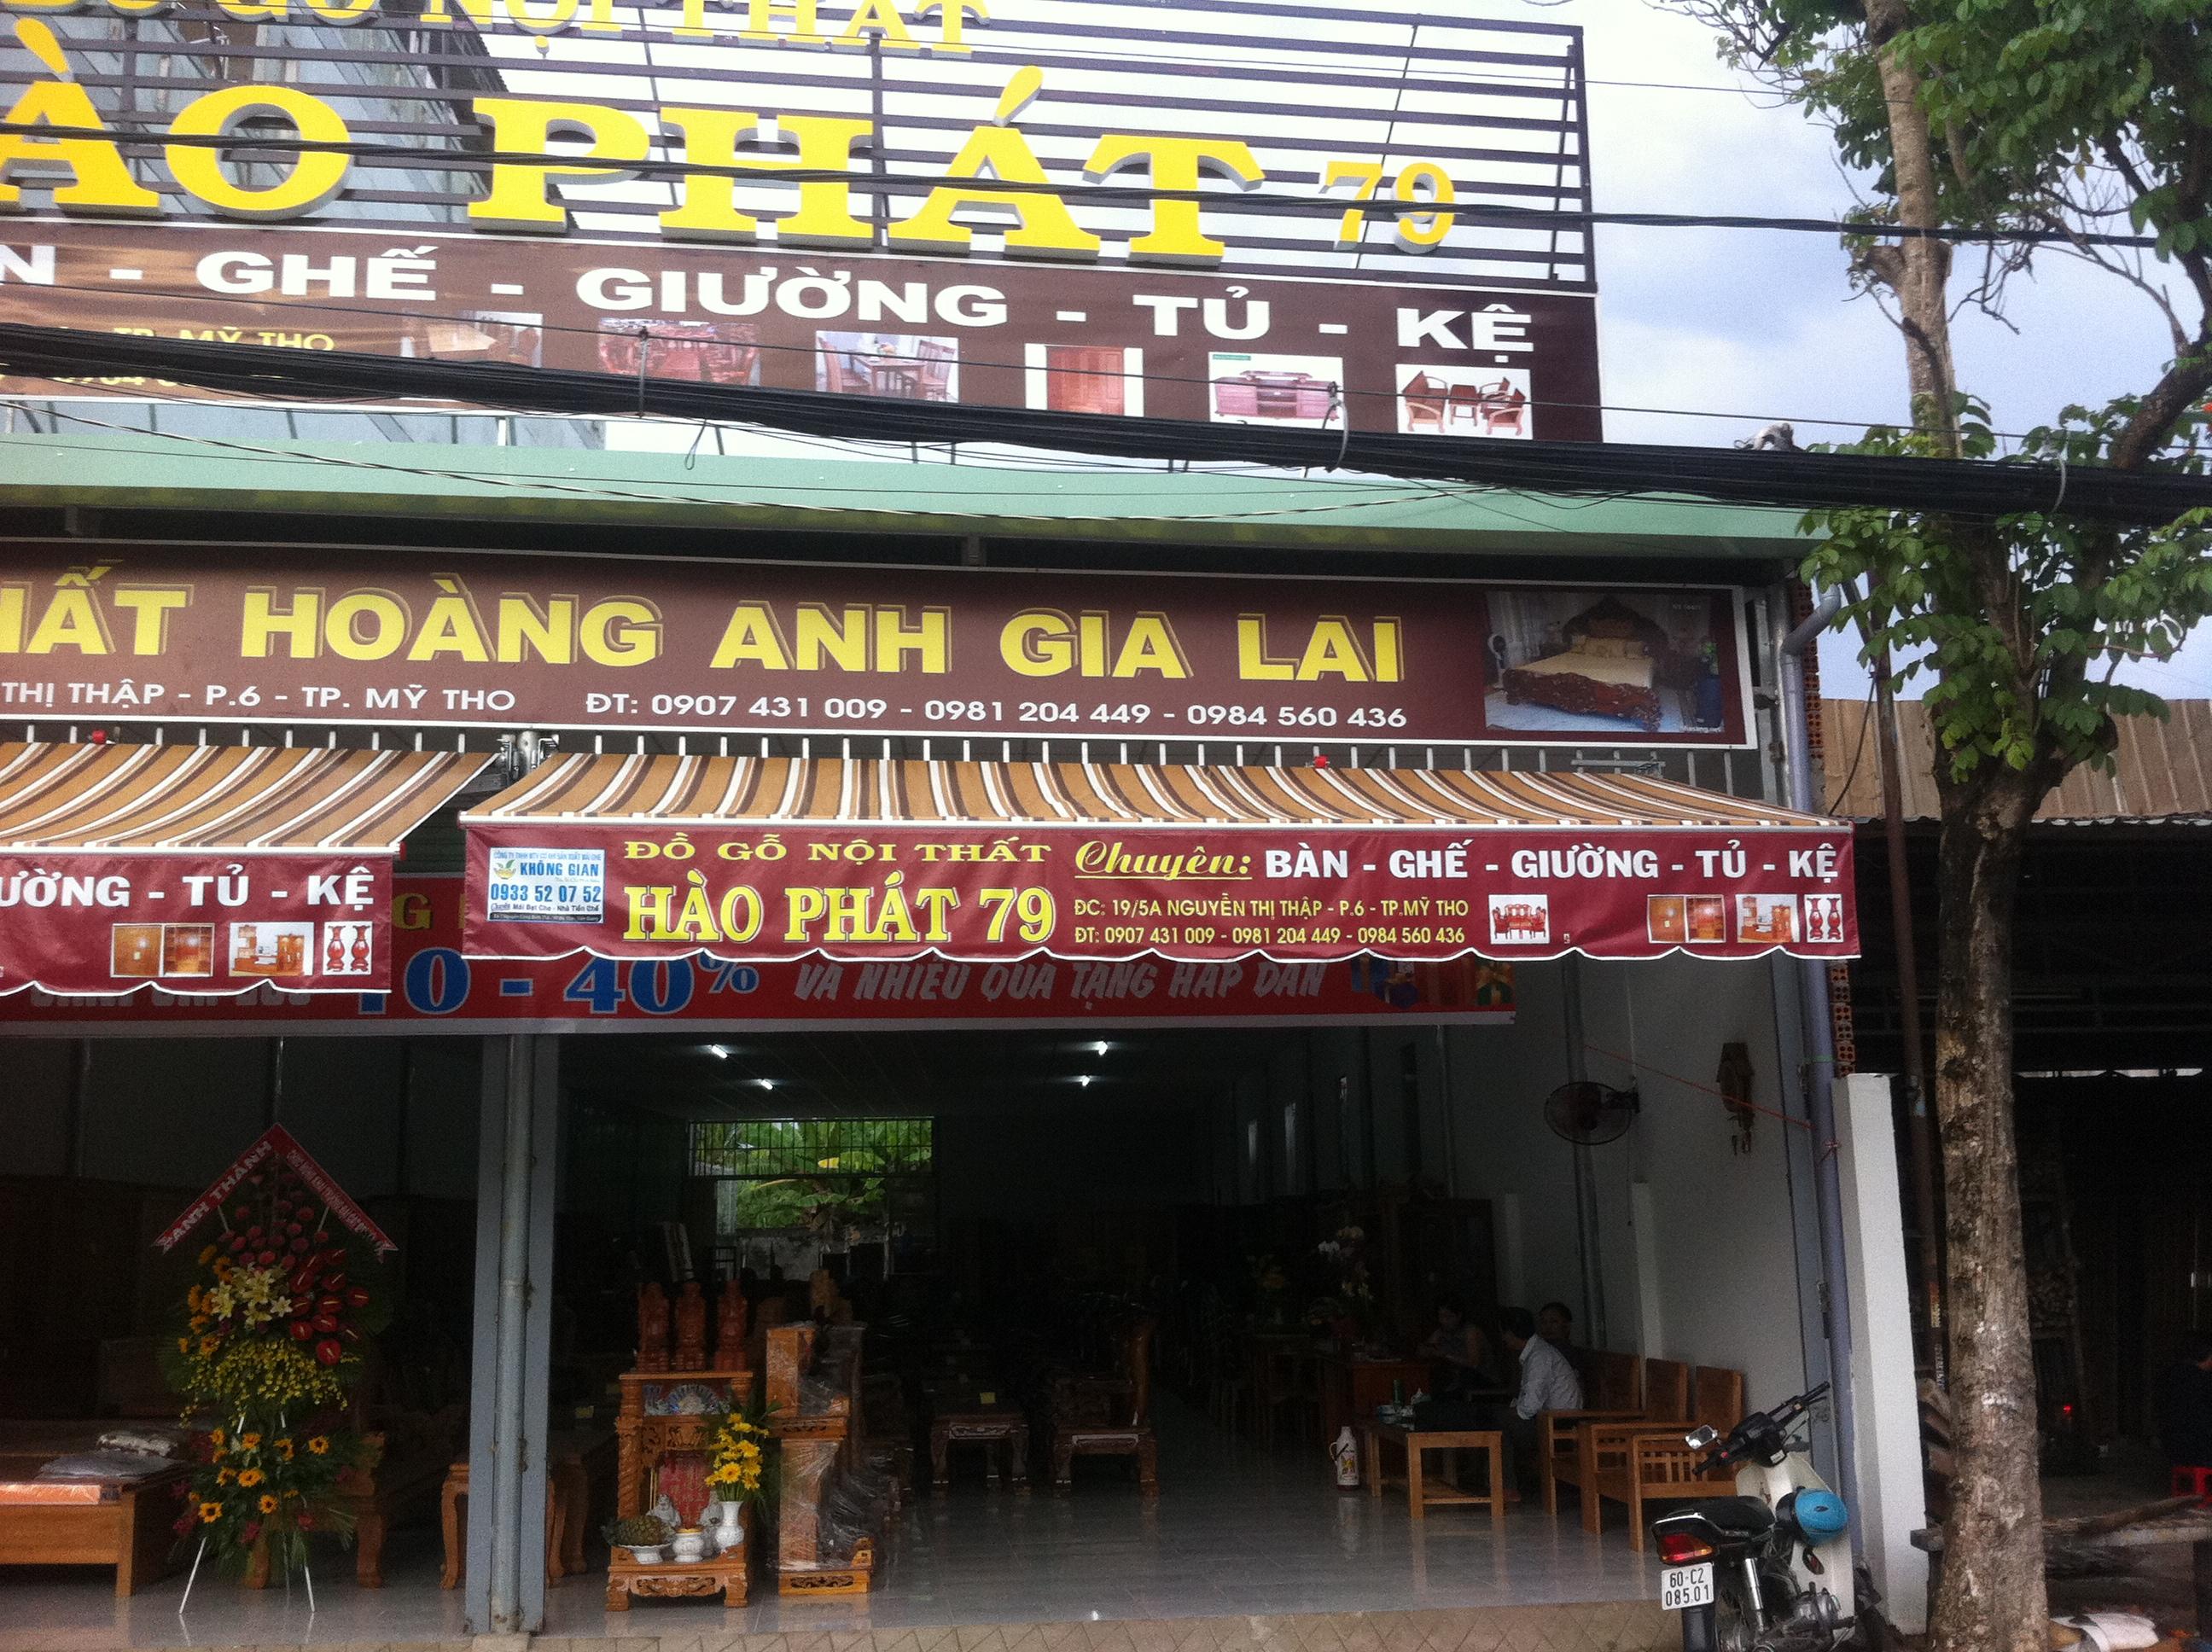 Mái Hiên Quảng Cáo Của Hàng Huyện Bình Tân Vĩnh Long